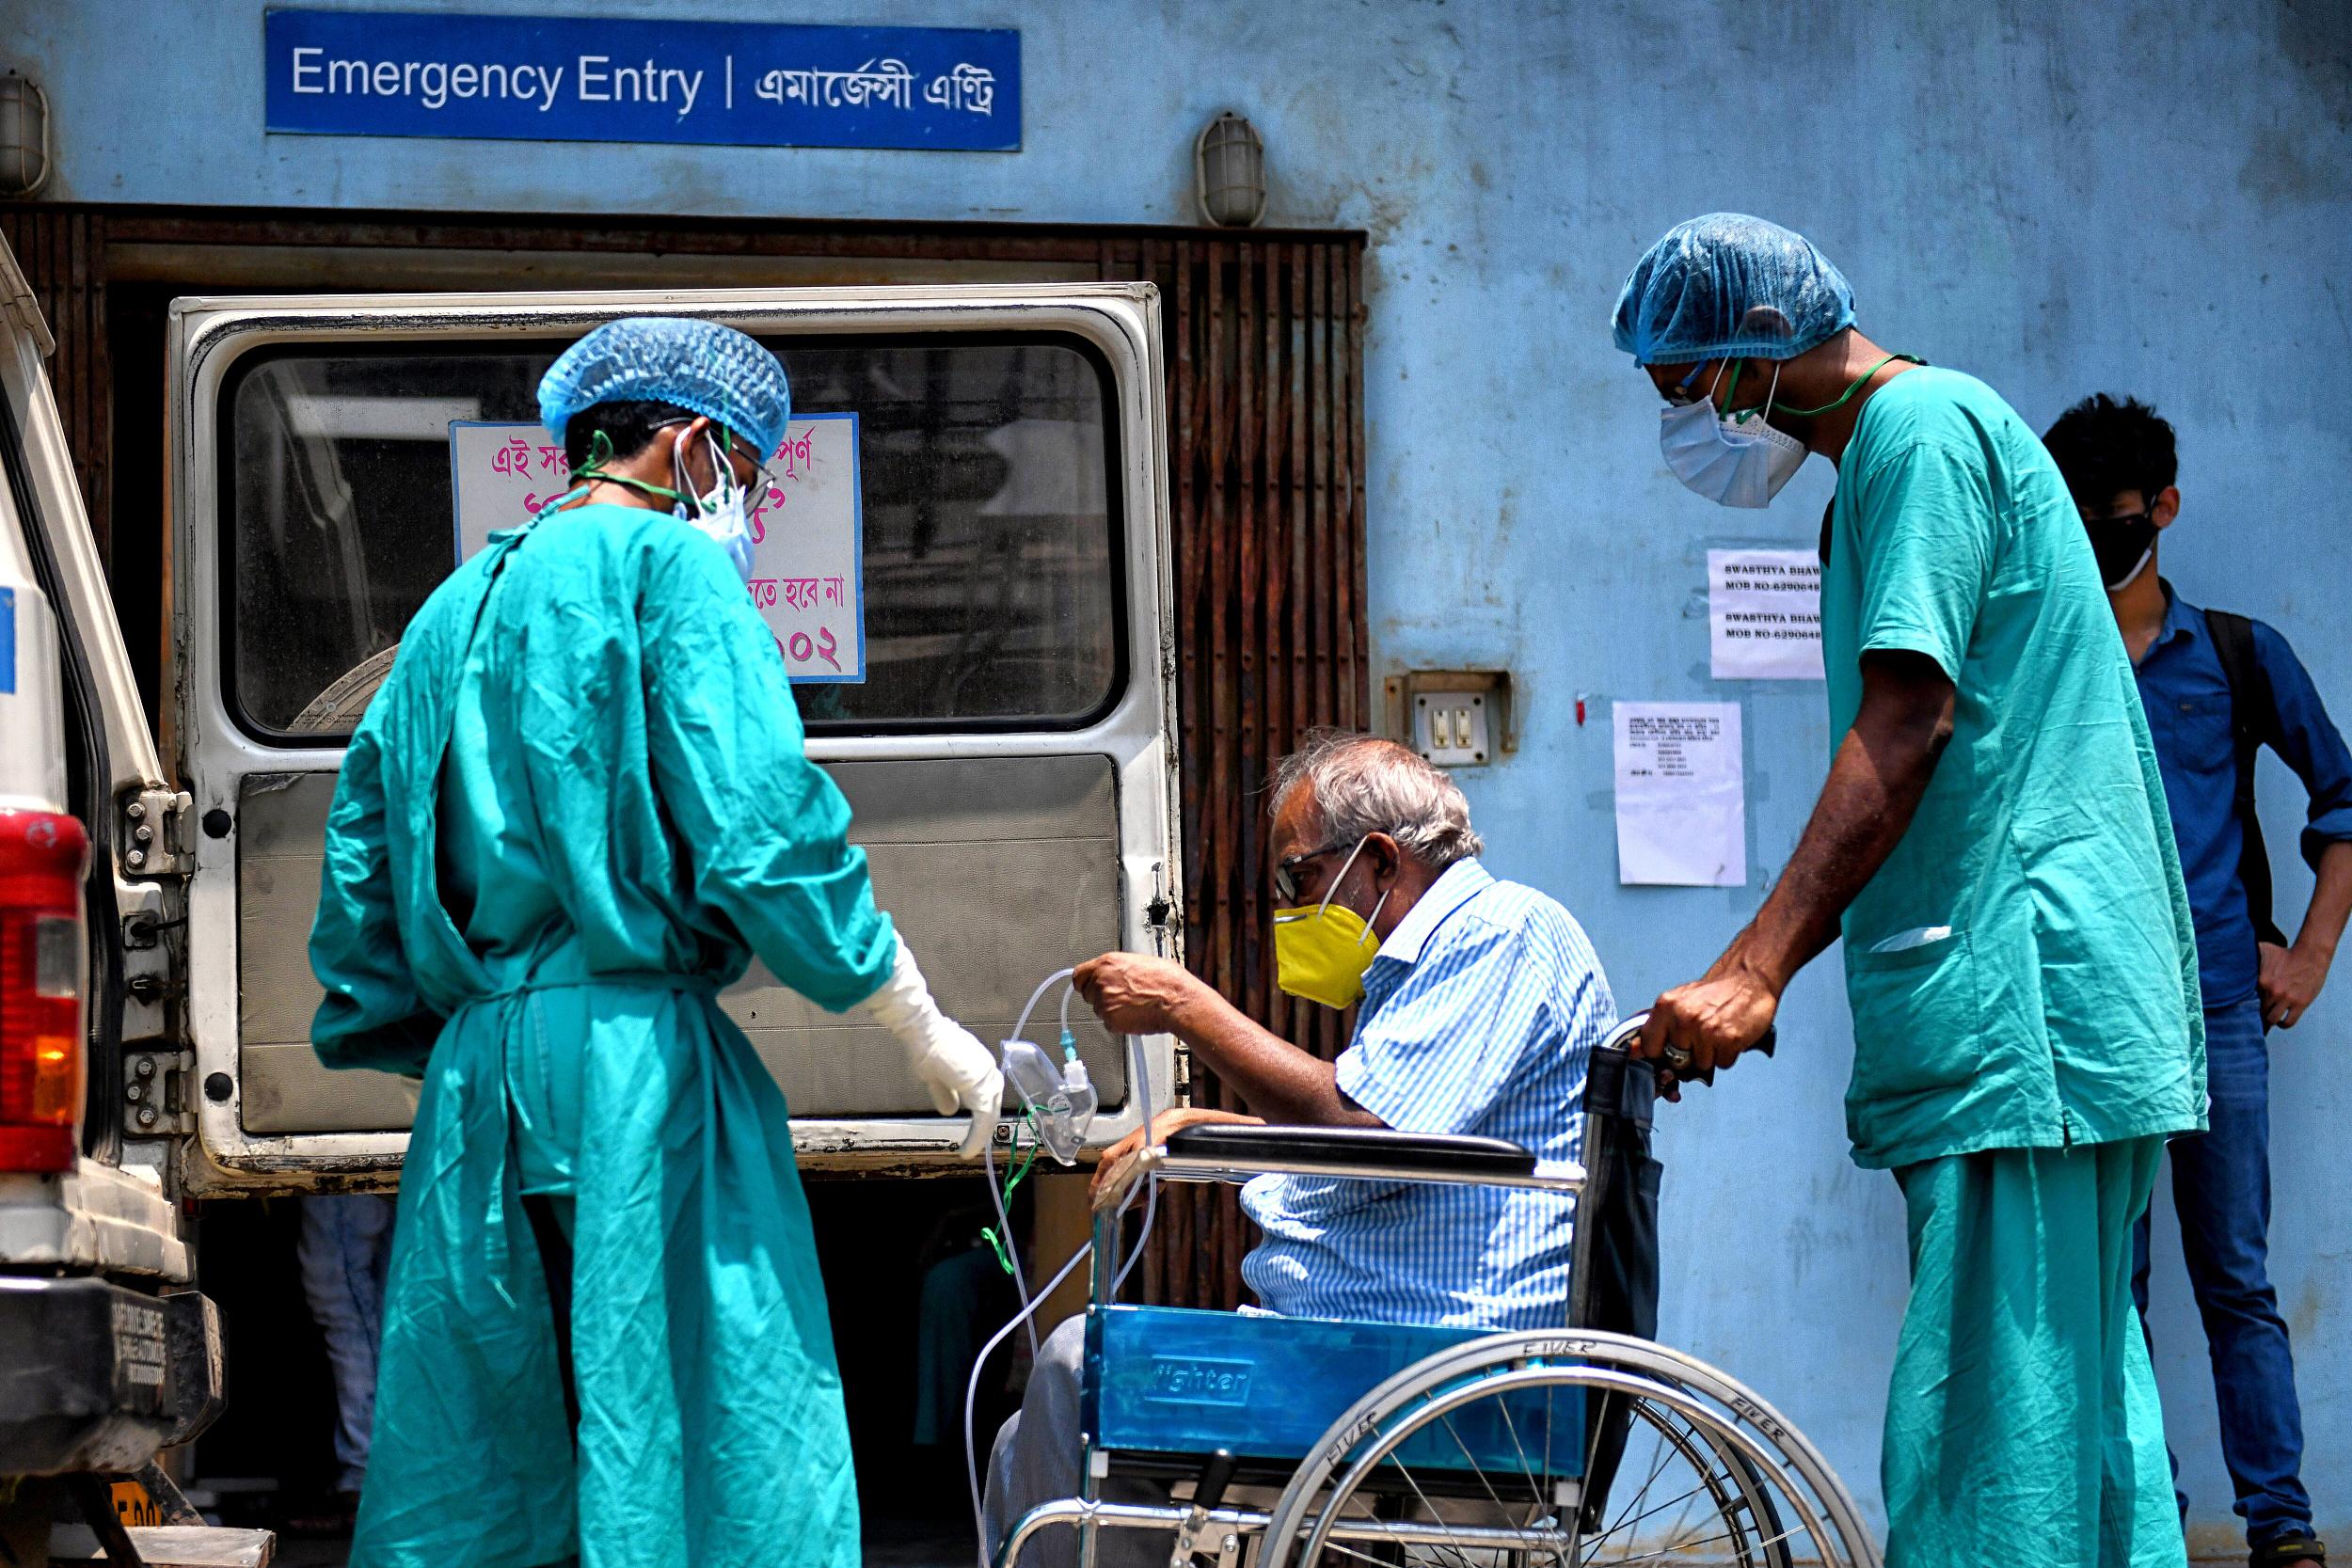 新冠疫情|亚洲疫情凶猛,印度确诊死亡创新高,曼谷将封城,日本奥运或停摆?